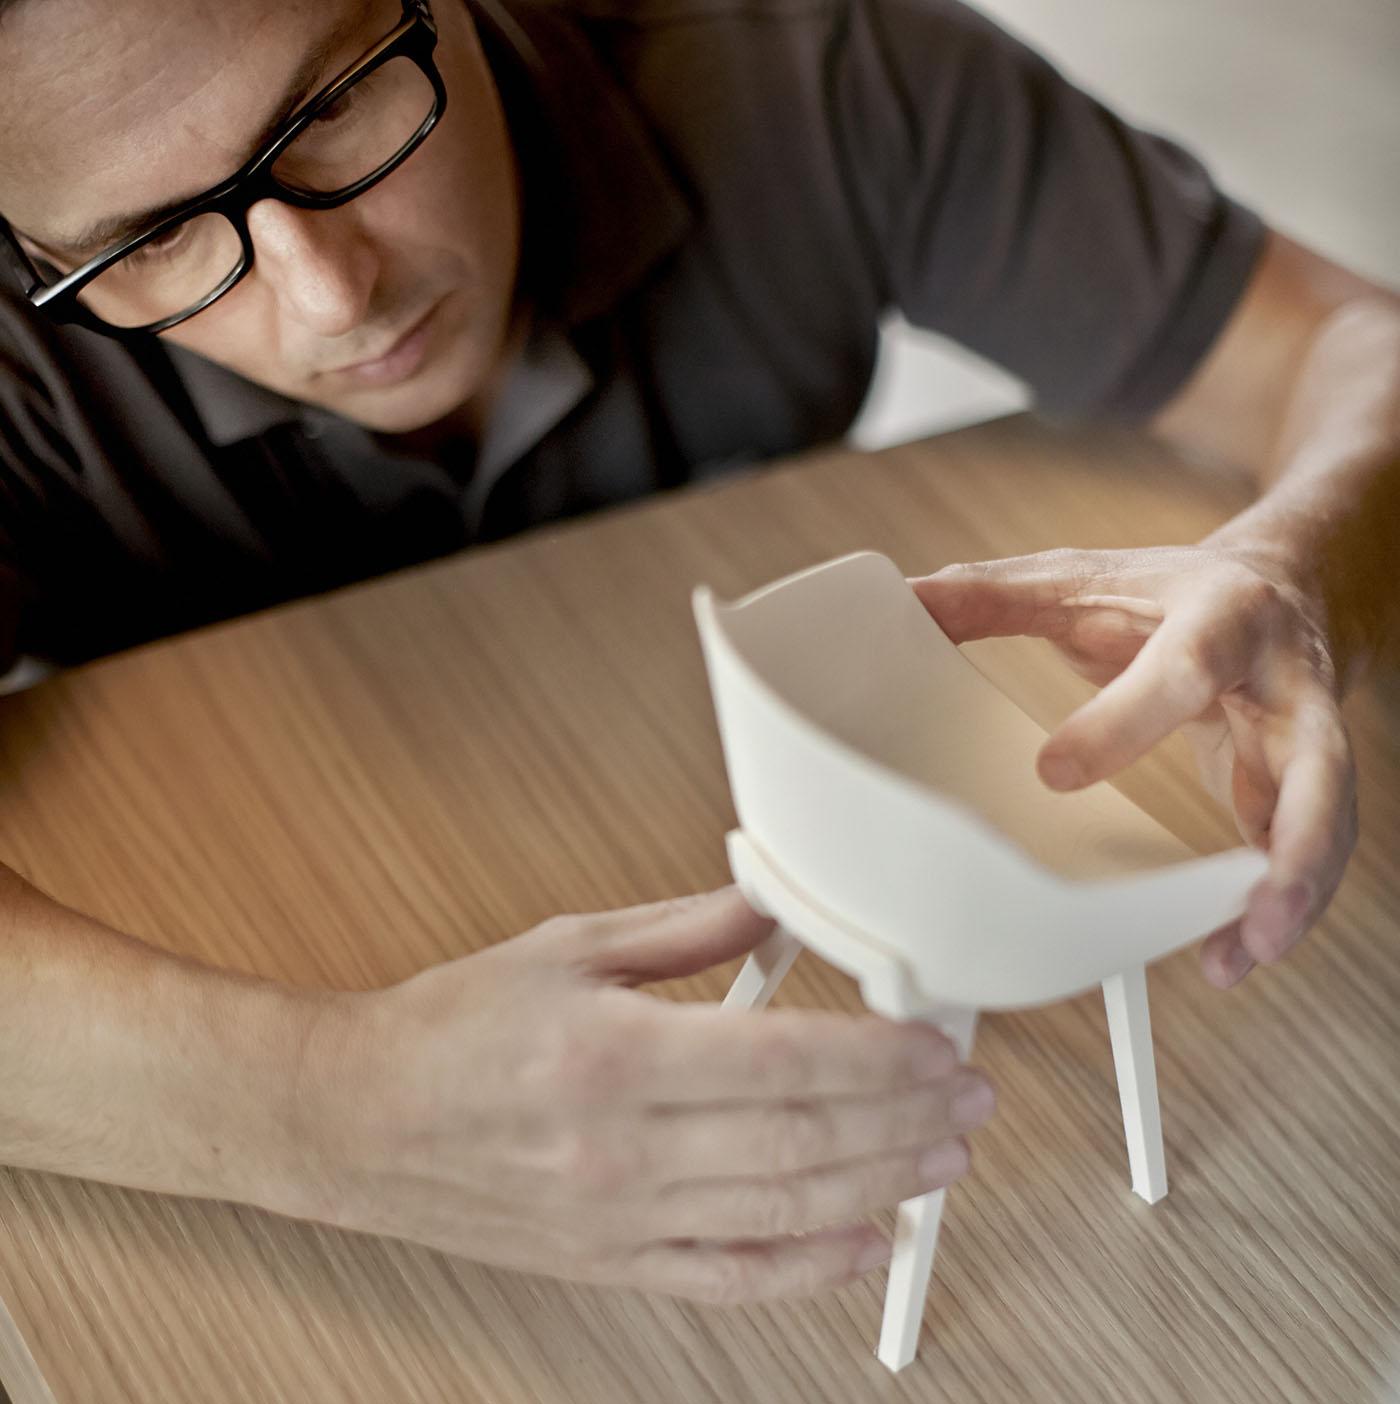 3D scale model of the Kuskoa Bi bioplastic chair